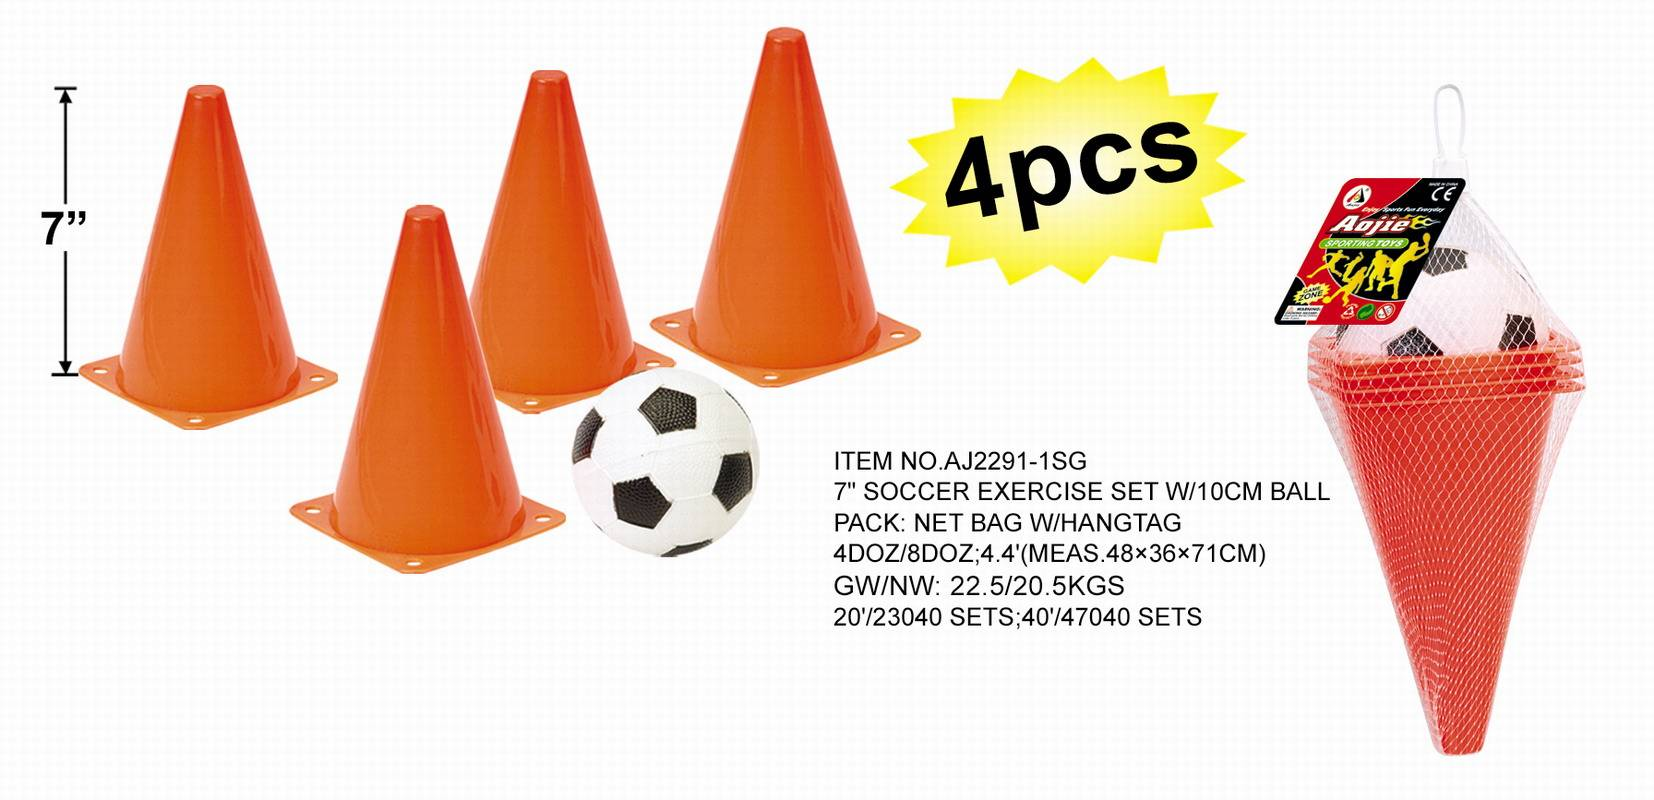 Plastic soccer exercise